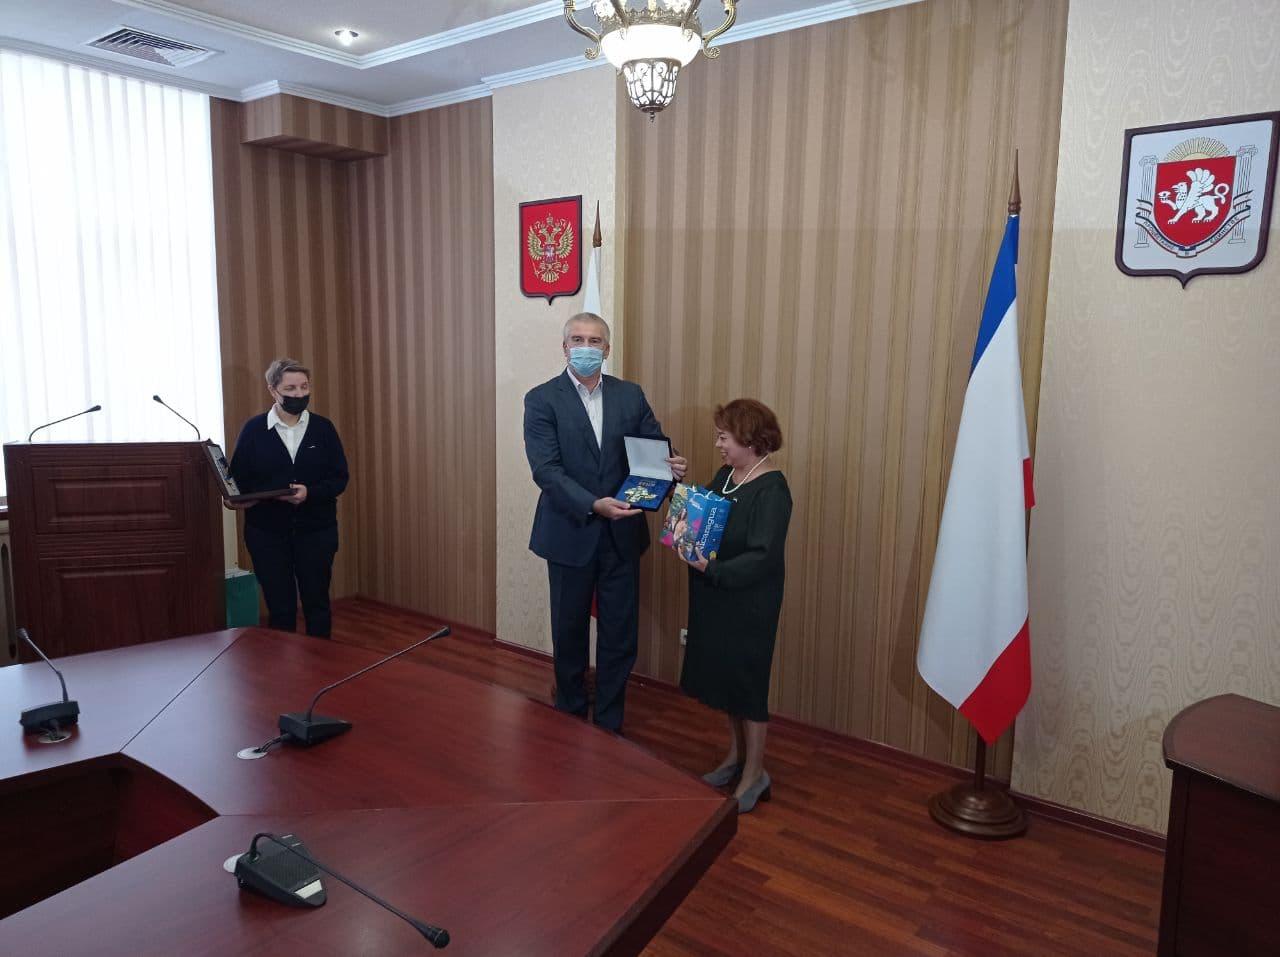 Первое почетное консульство иностранного государства открылось в Крыму